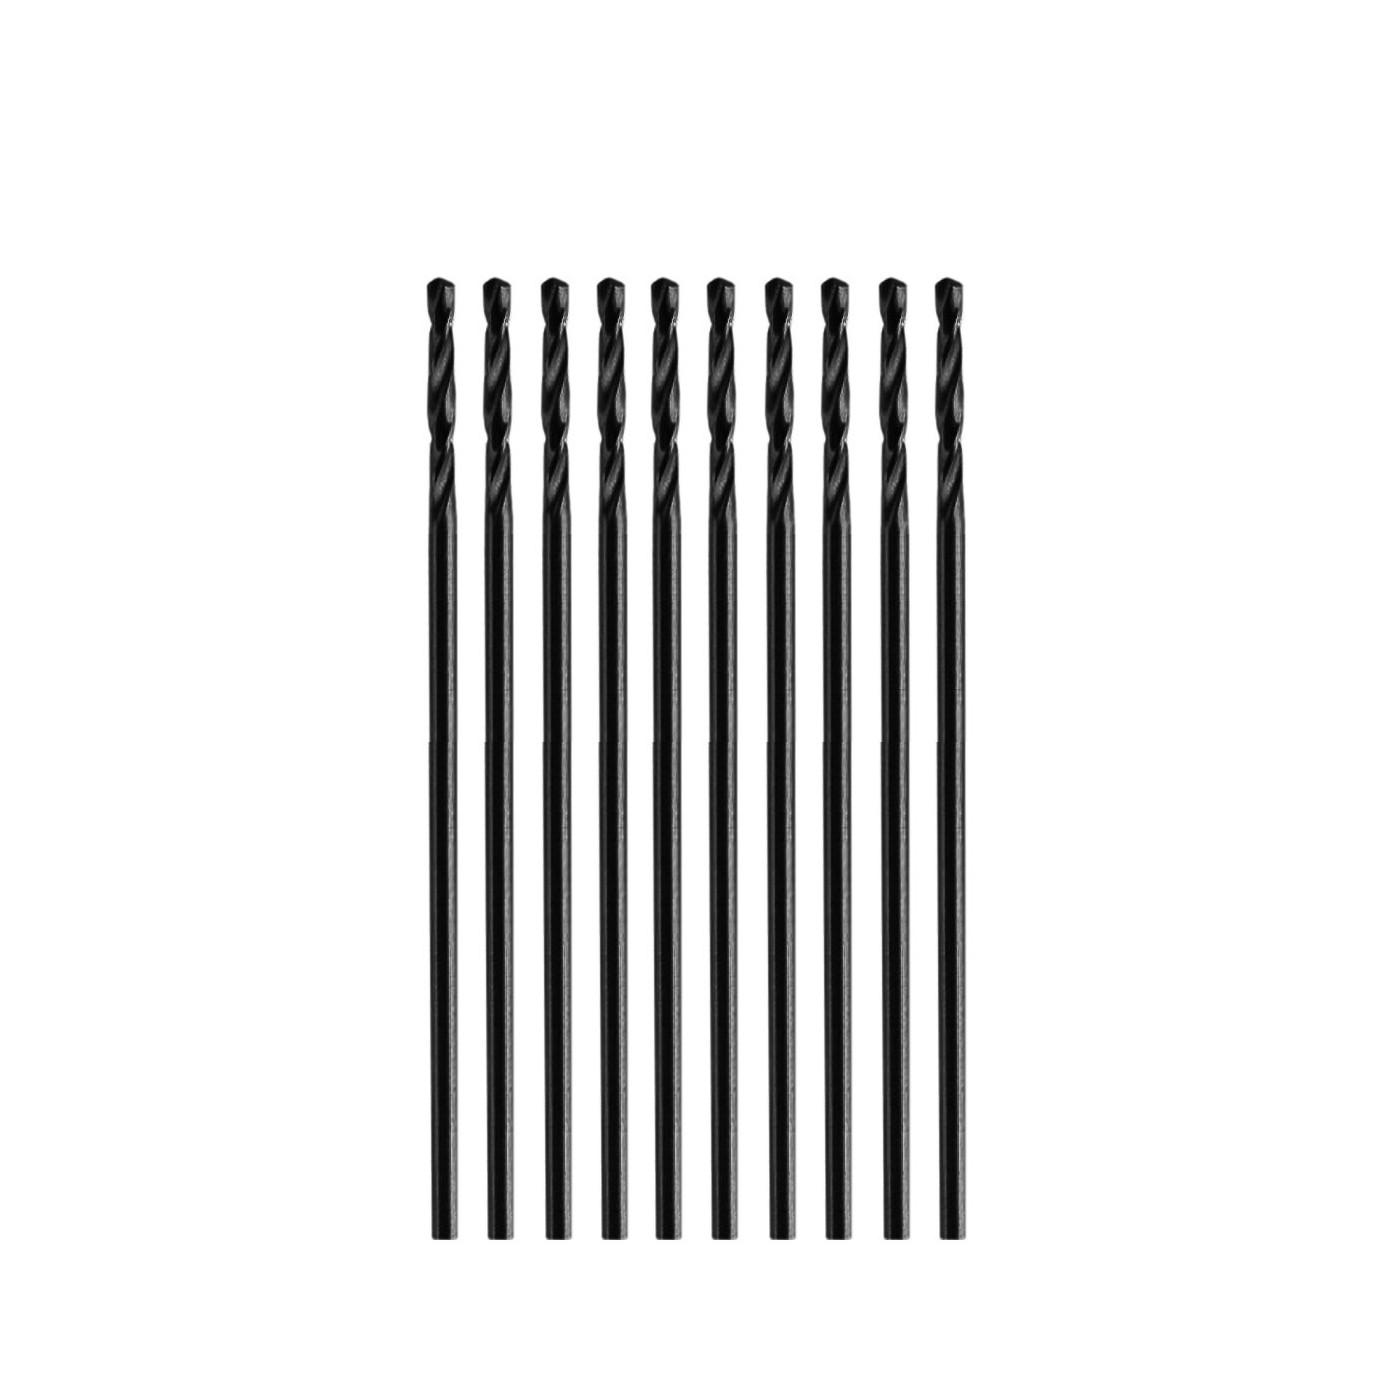 Zestaw 10 małych wierteł do metalu (0,7 x 28 mm, HSS)